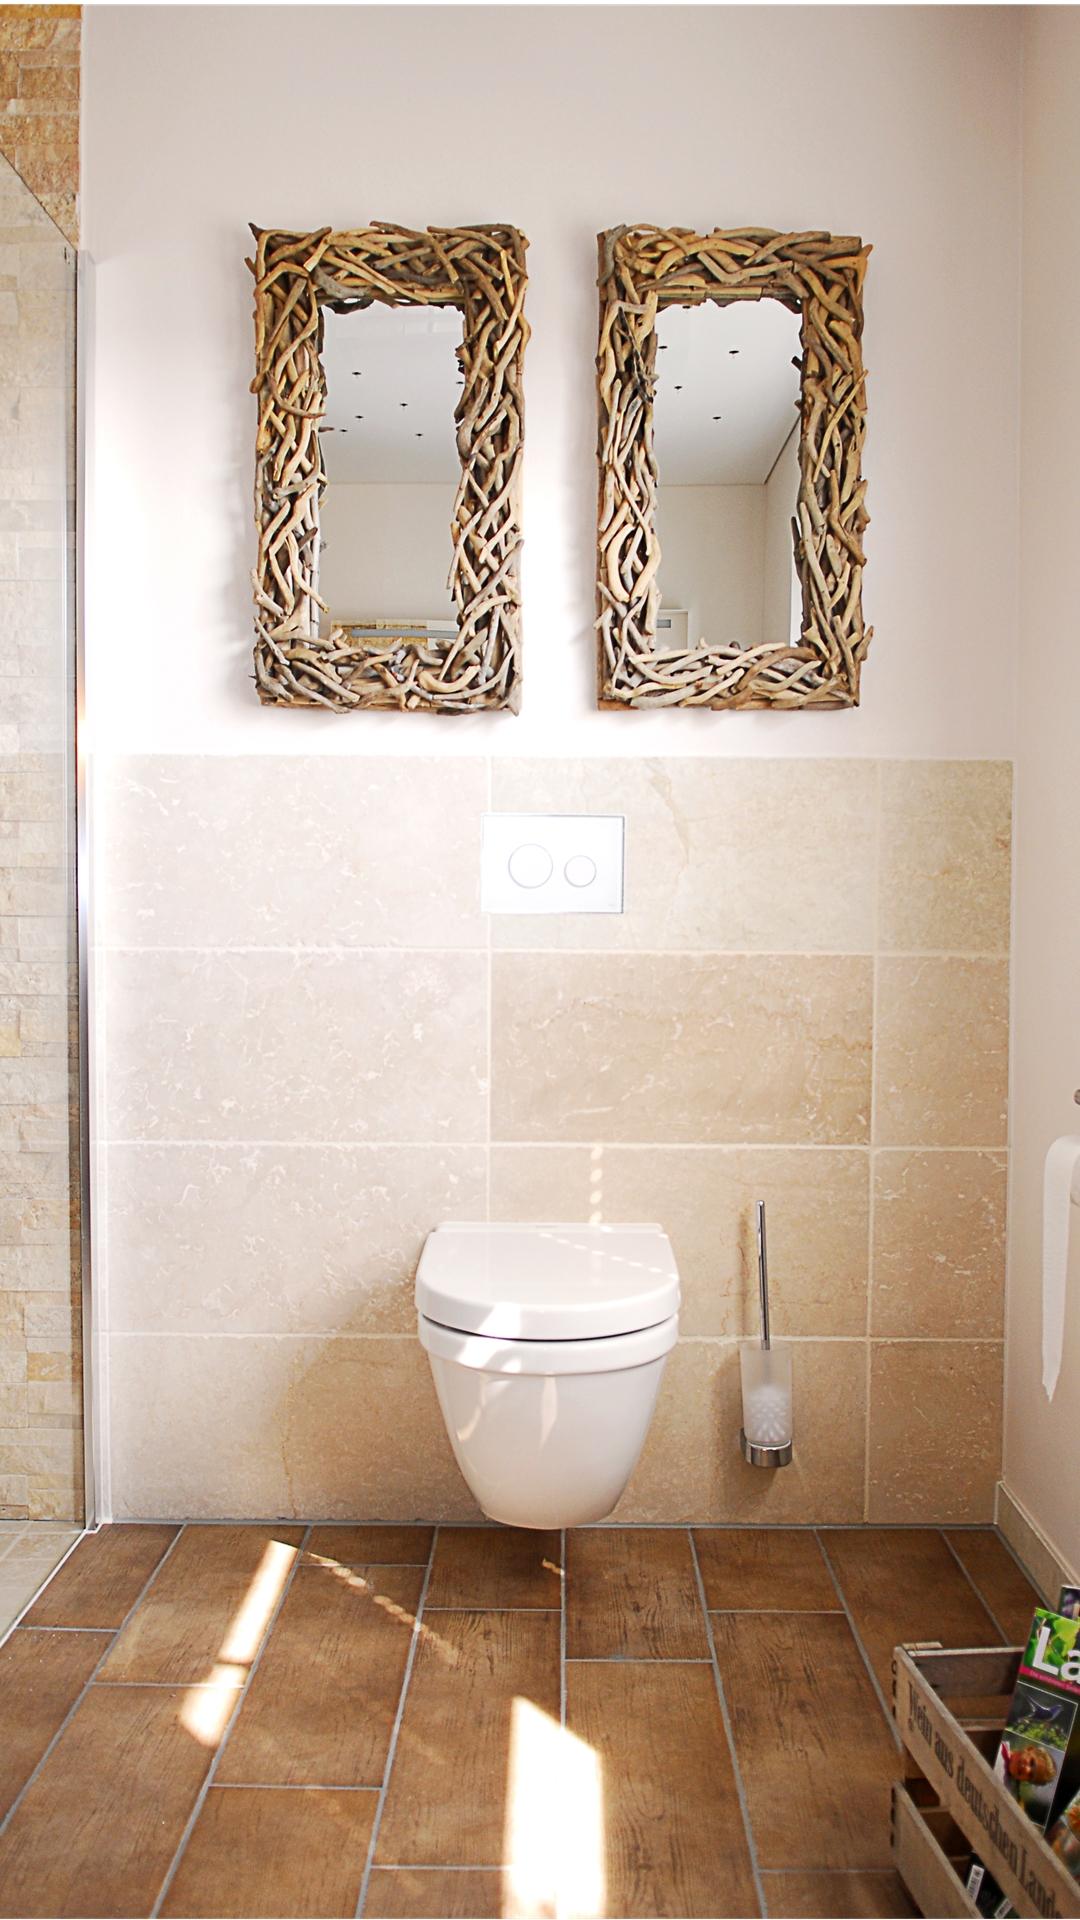 Toilette an Wand mit tollen Spiegeln aus Holz